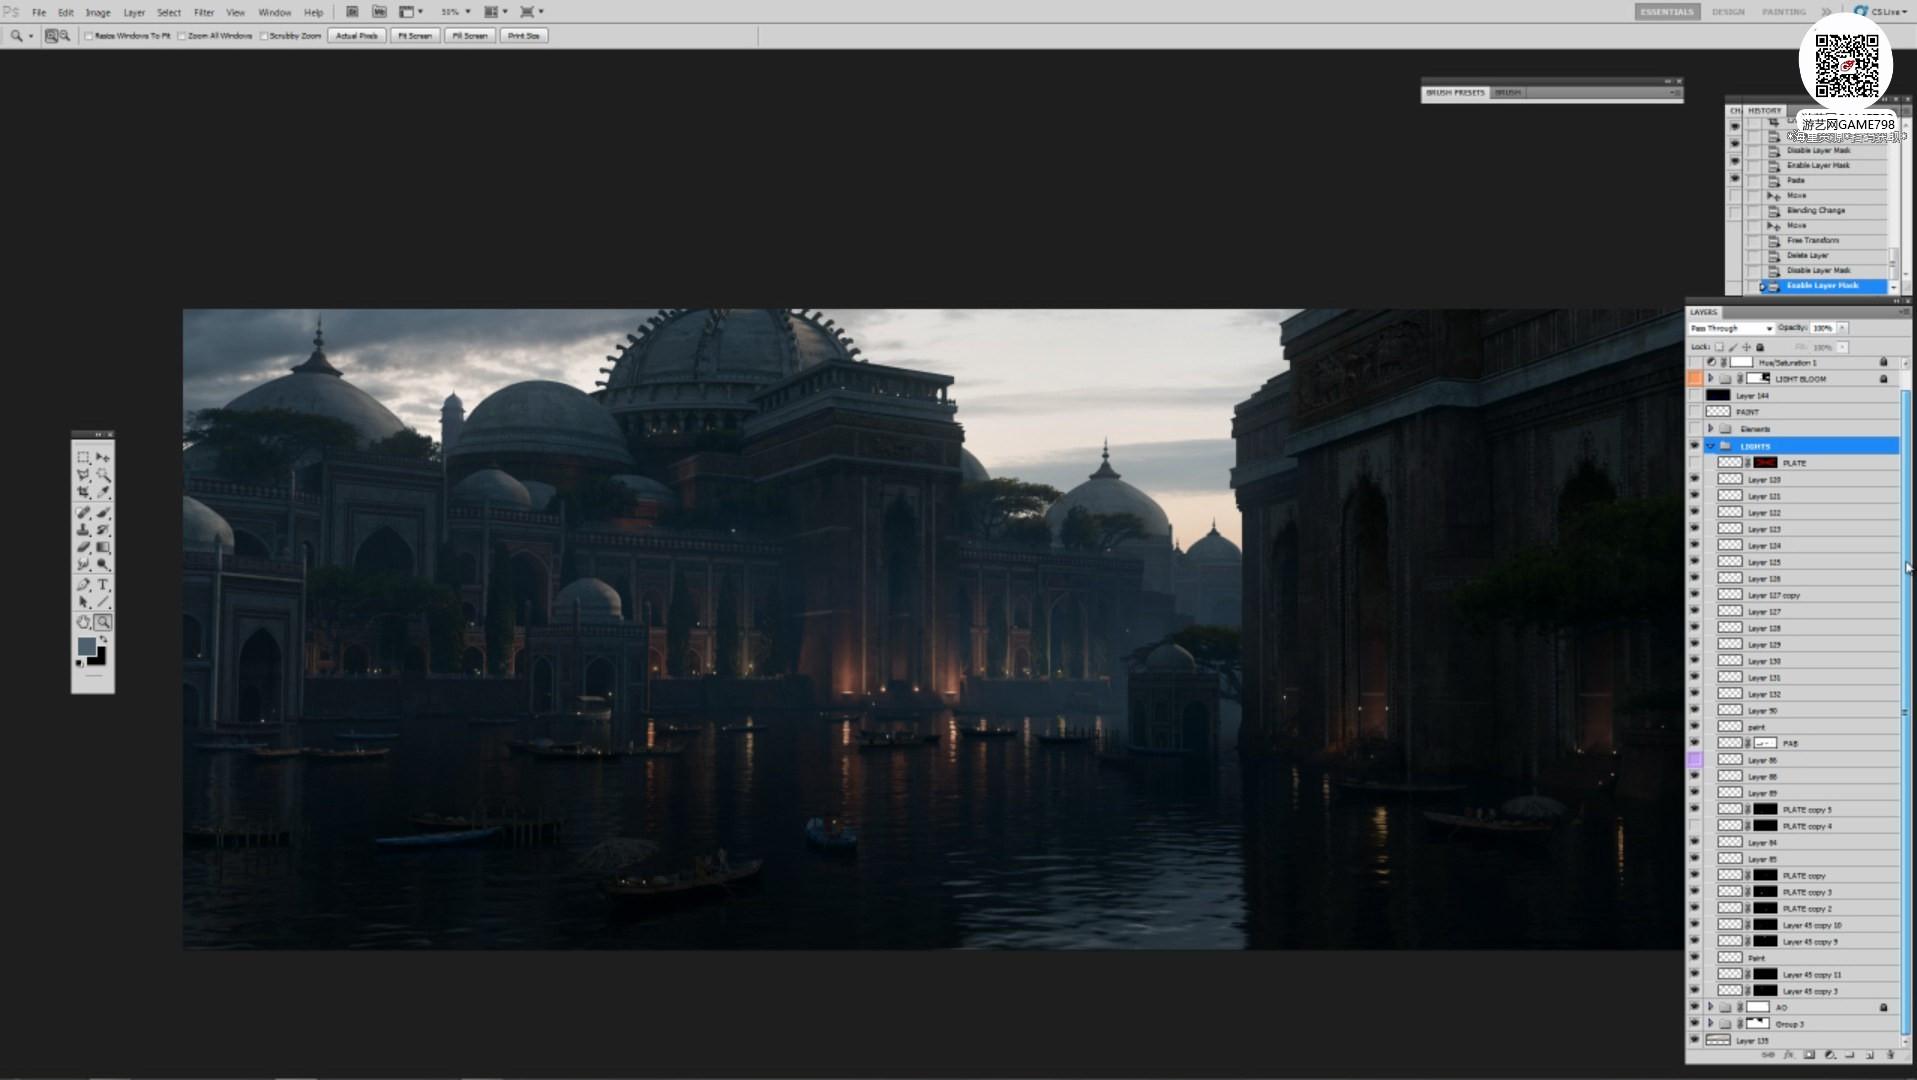 026_关注-游艺网GAME798海量资源下载【视频教程】超写实场景设定制作流程.jpg